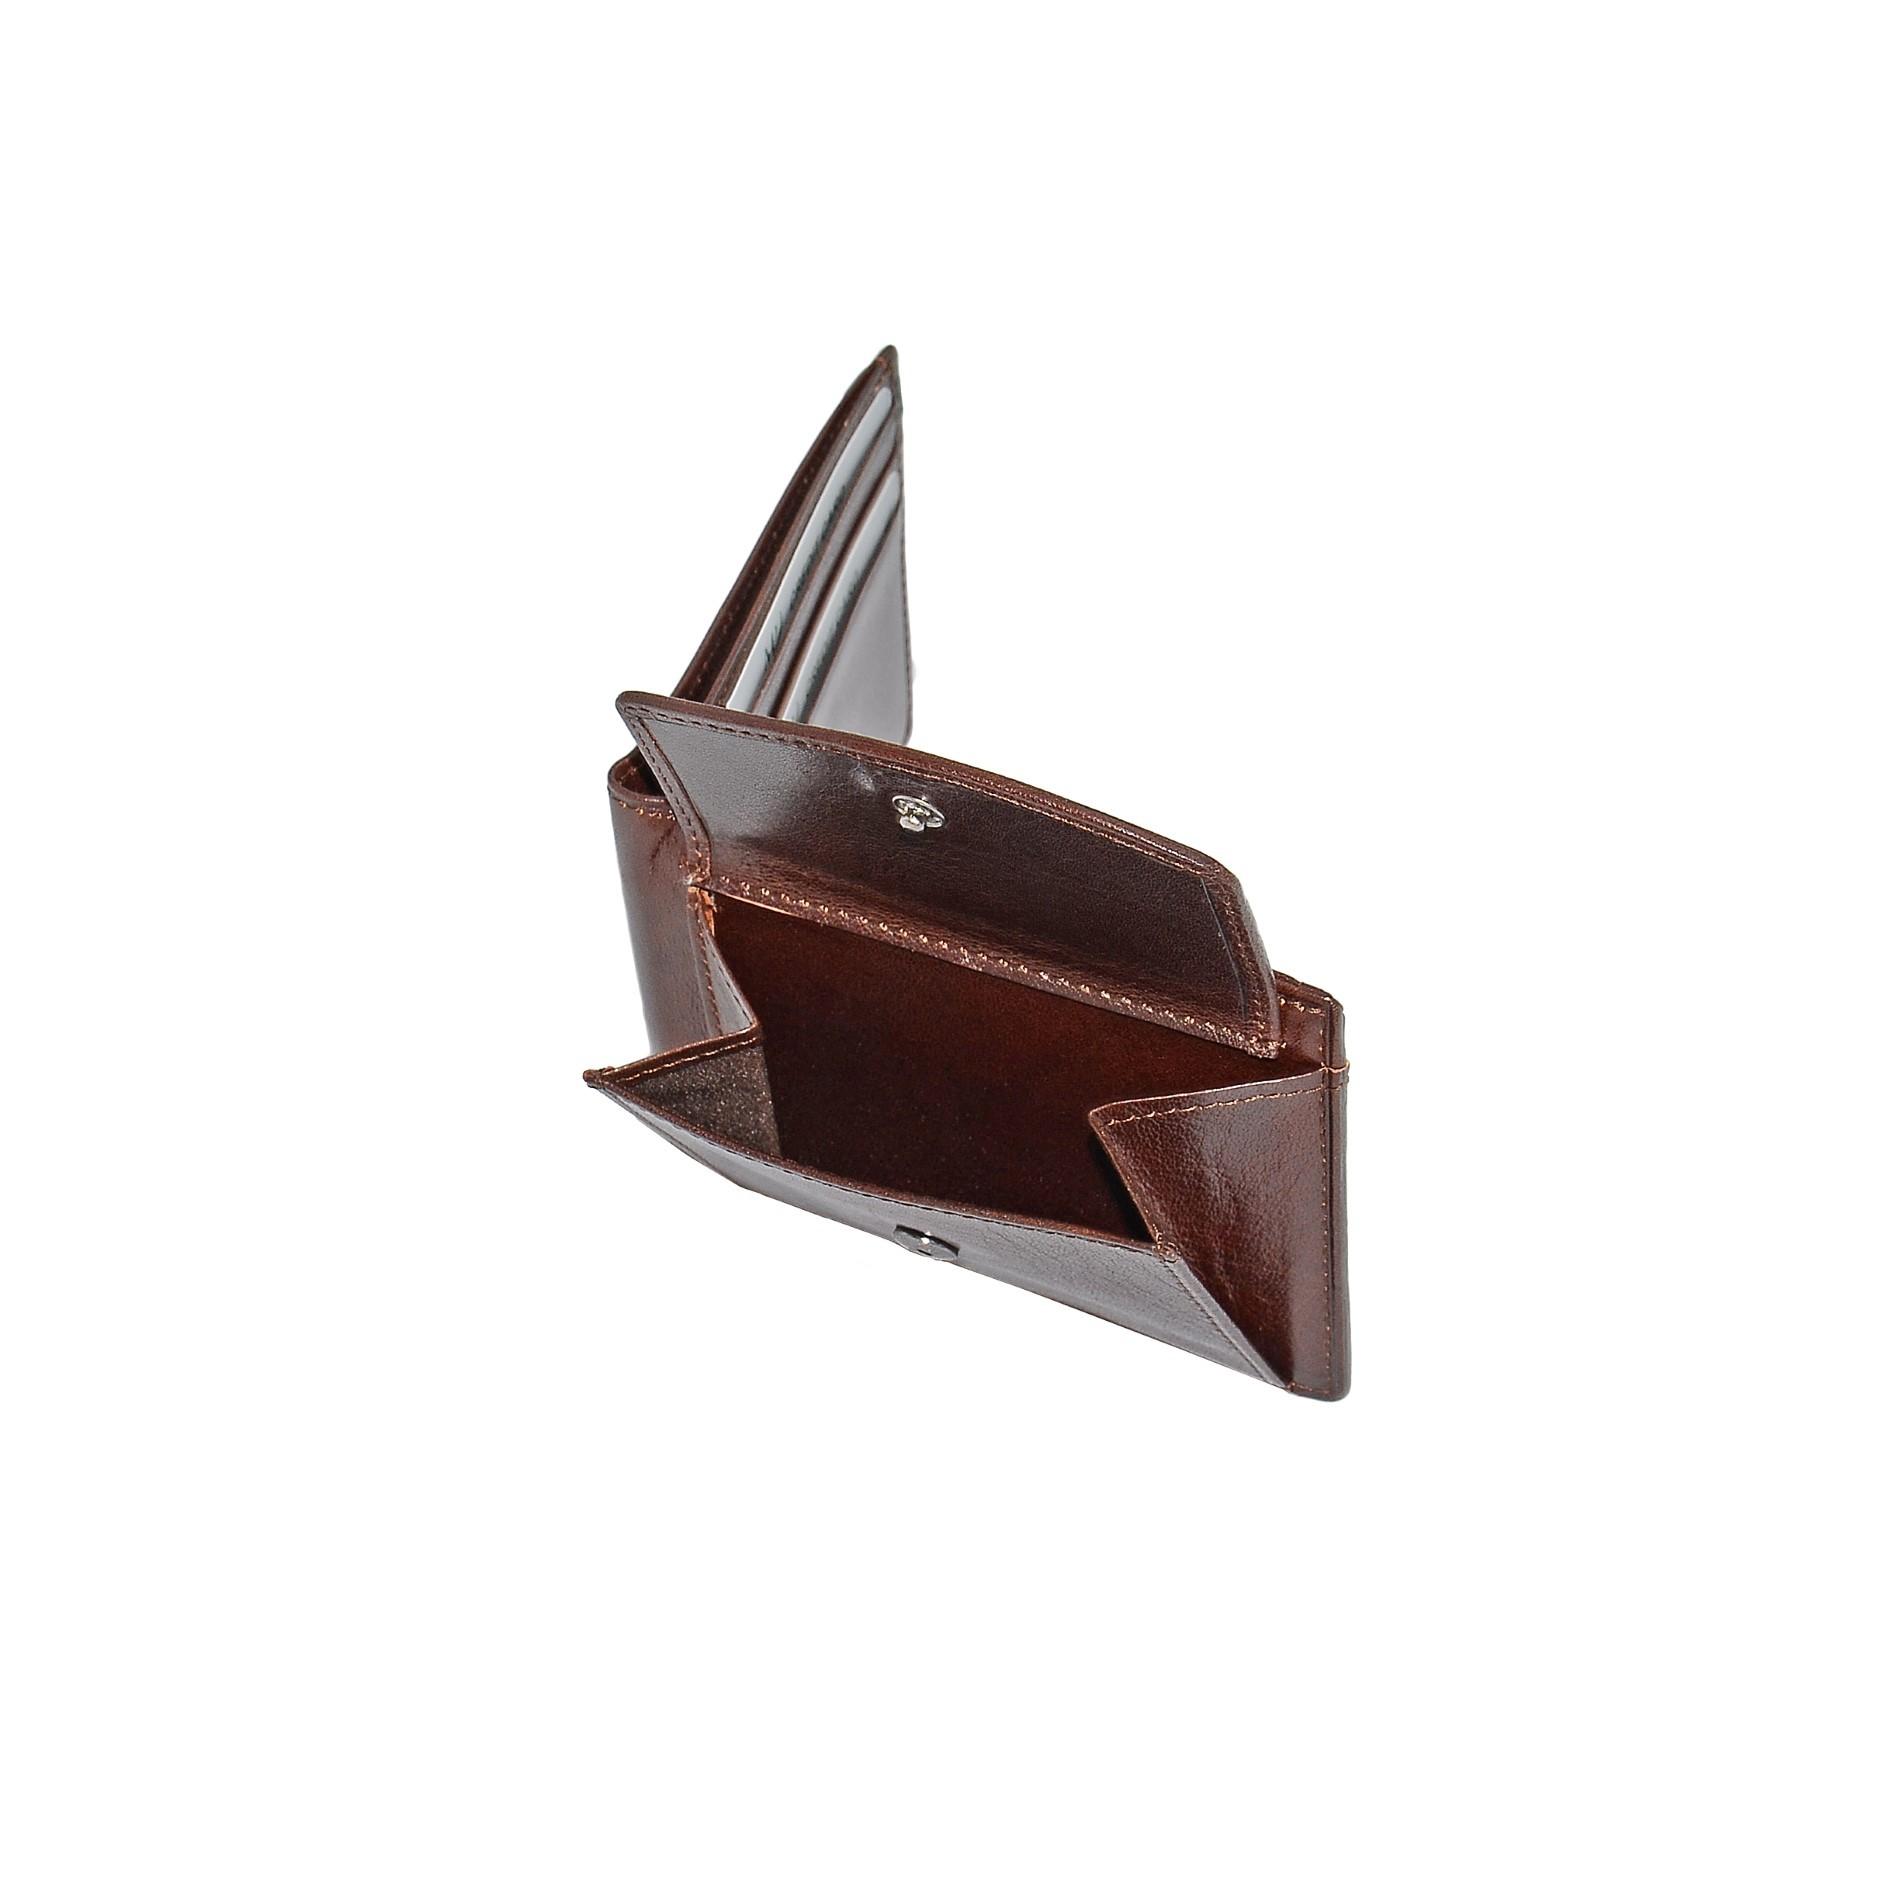 B120228R Ruf - Портмоне с RFID защитой MP